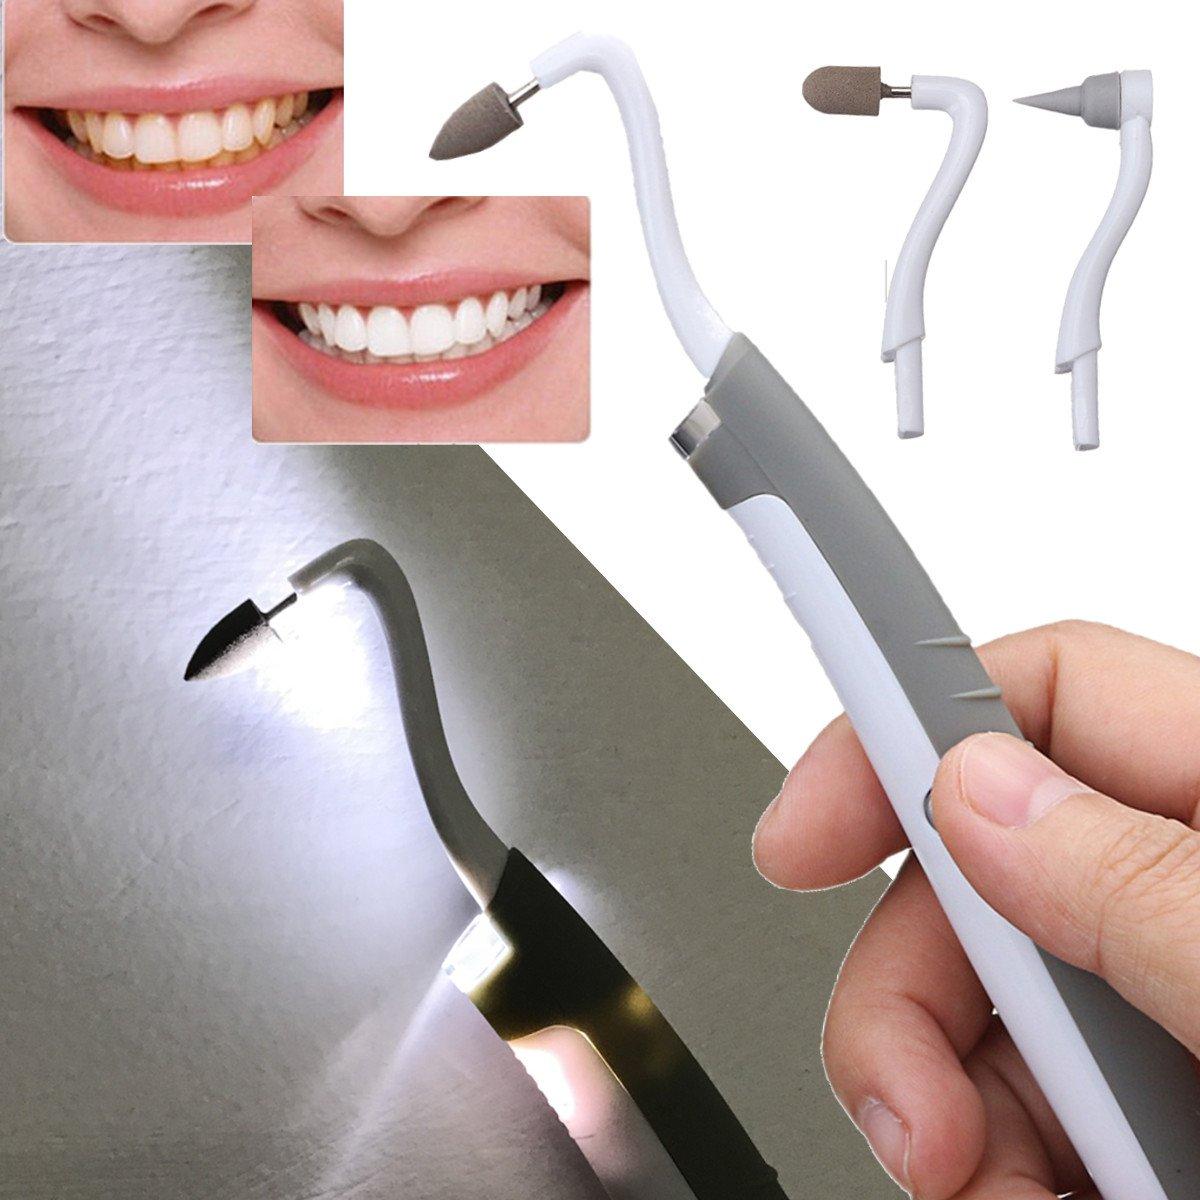 GOZAR Dientes Removedor De Placa Blanqueador Pulidor Dental Blanqueamiento Dental Placa De Pulido Quitamanchas Led Kit: Amazon.es: Hogar